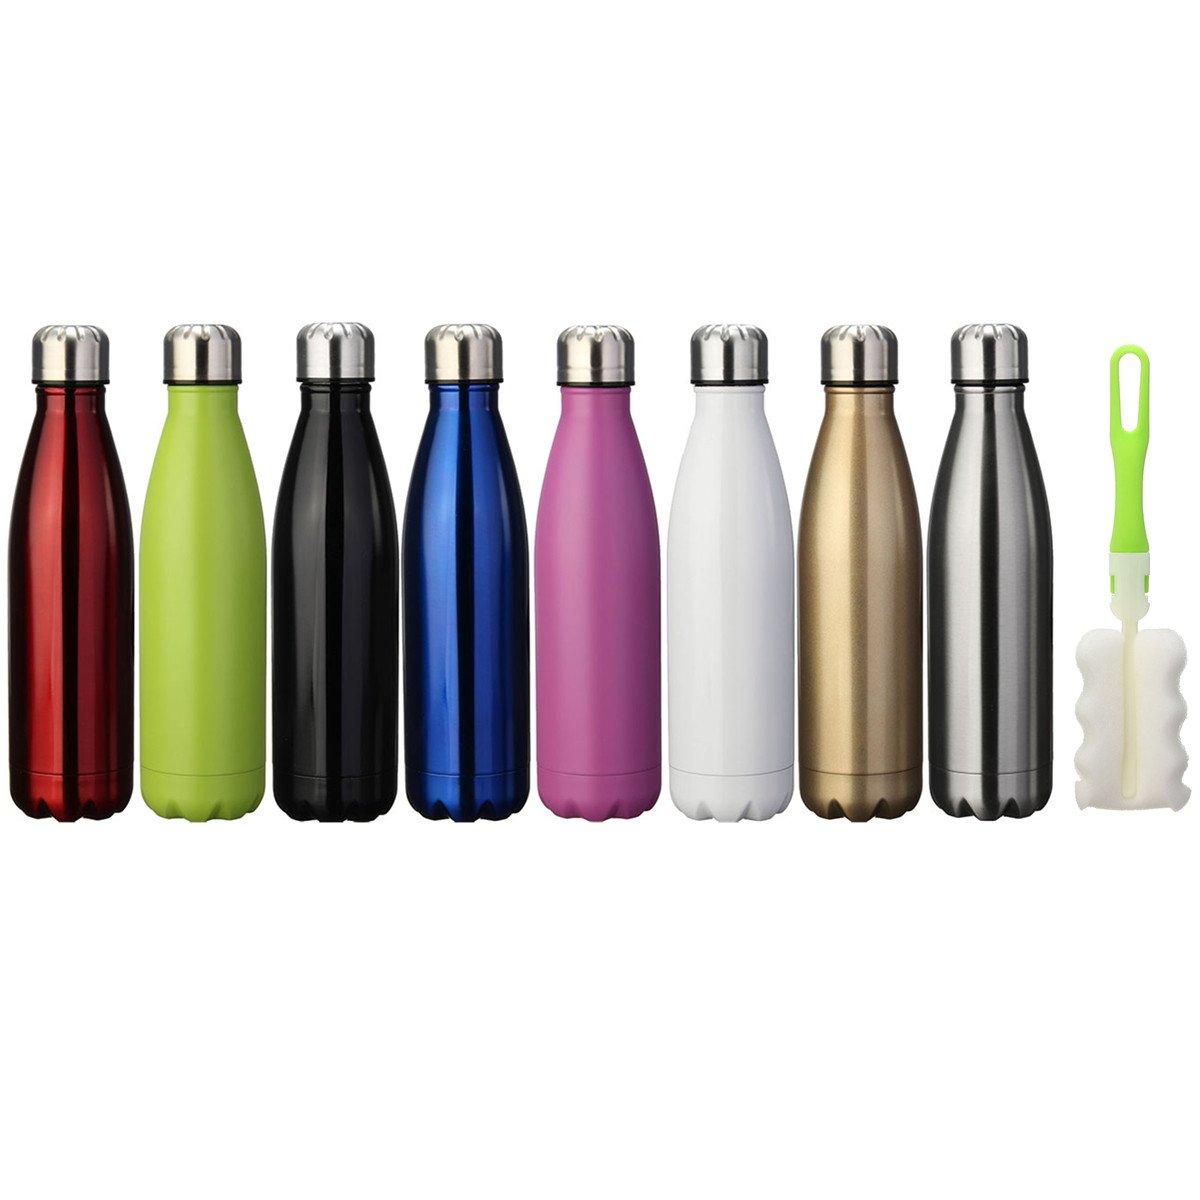 KING DO WAY Portatile Borraccia in Acciaio Termica Bottiglia Sportive con Spazzola di Pulizia Verde 500ml